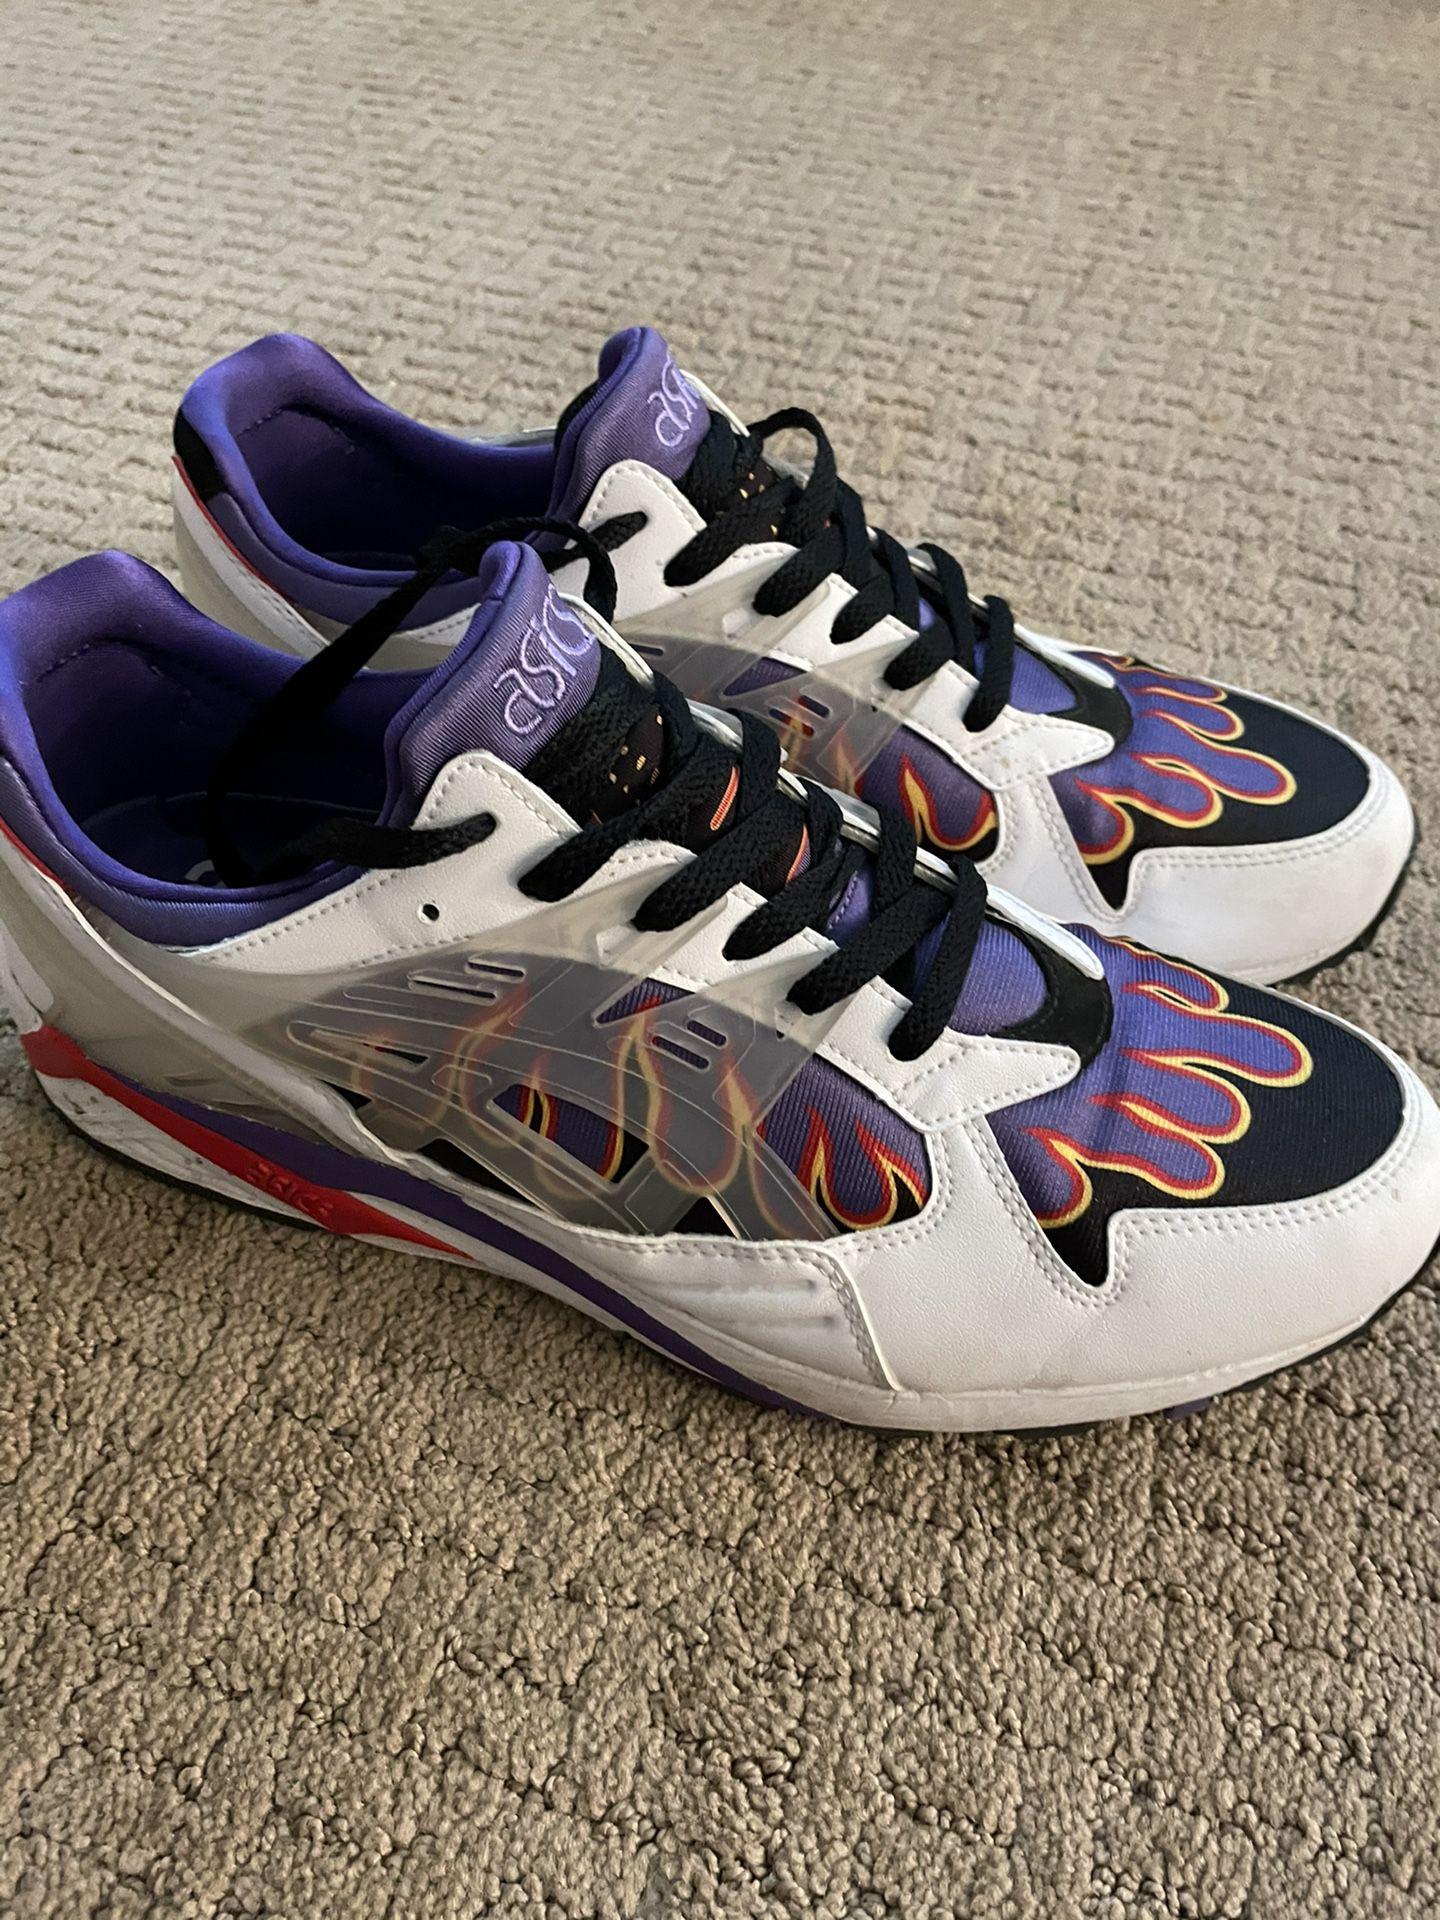 ASIC's Sneakerwolf Gel-Lyte 3